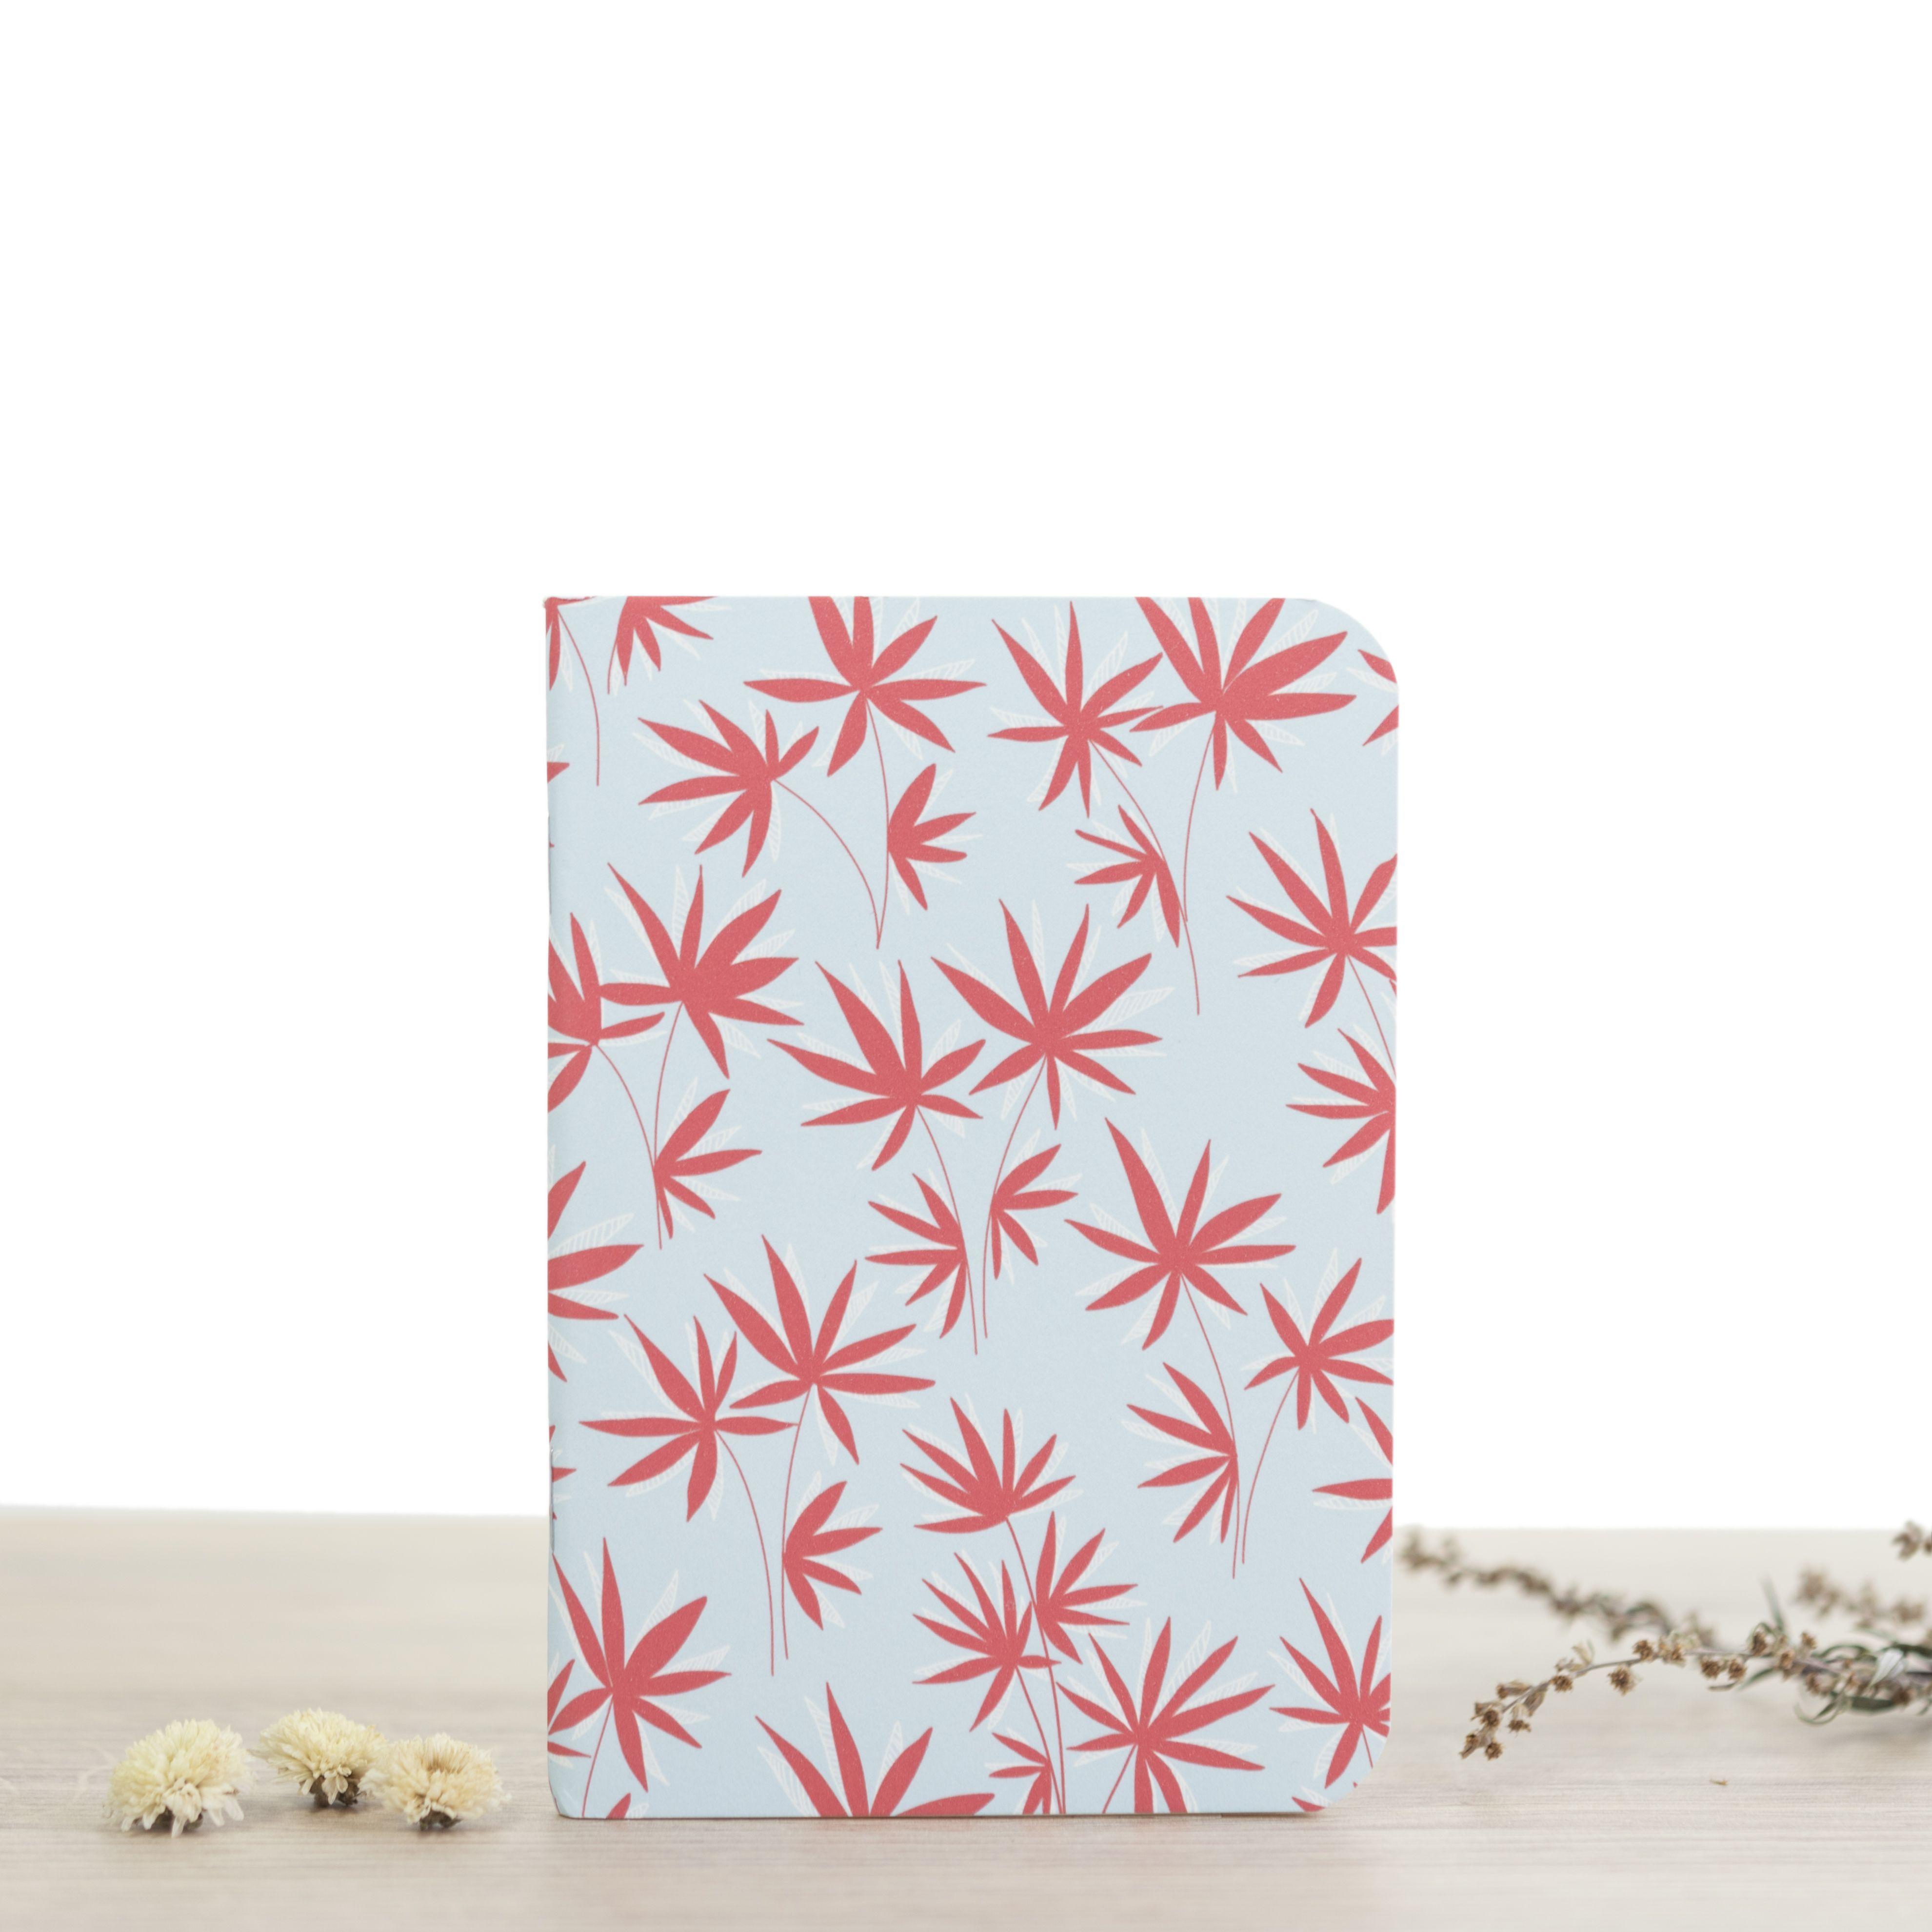 Atelier Bobbie A6 Notebook - Tazio - Ruled Pa